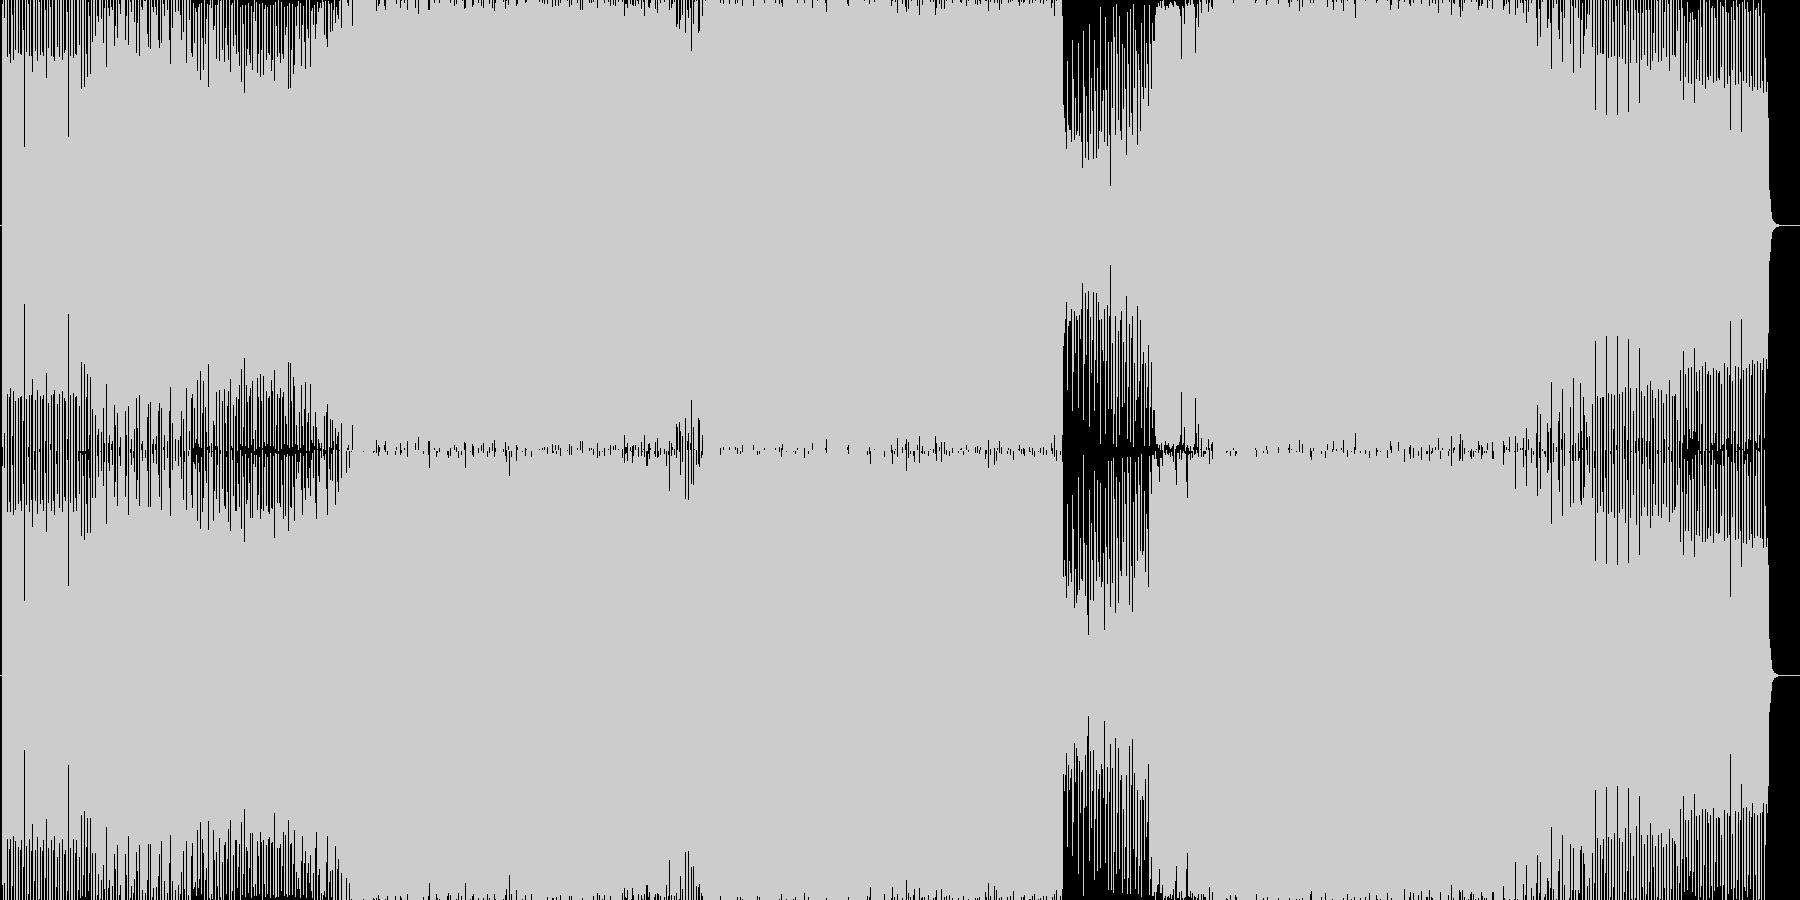 ノリのいいテクノ系ダンスミュージックの未再生の波形